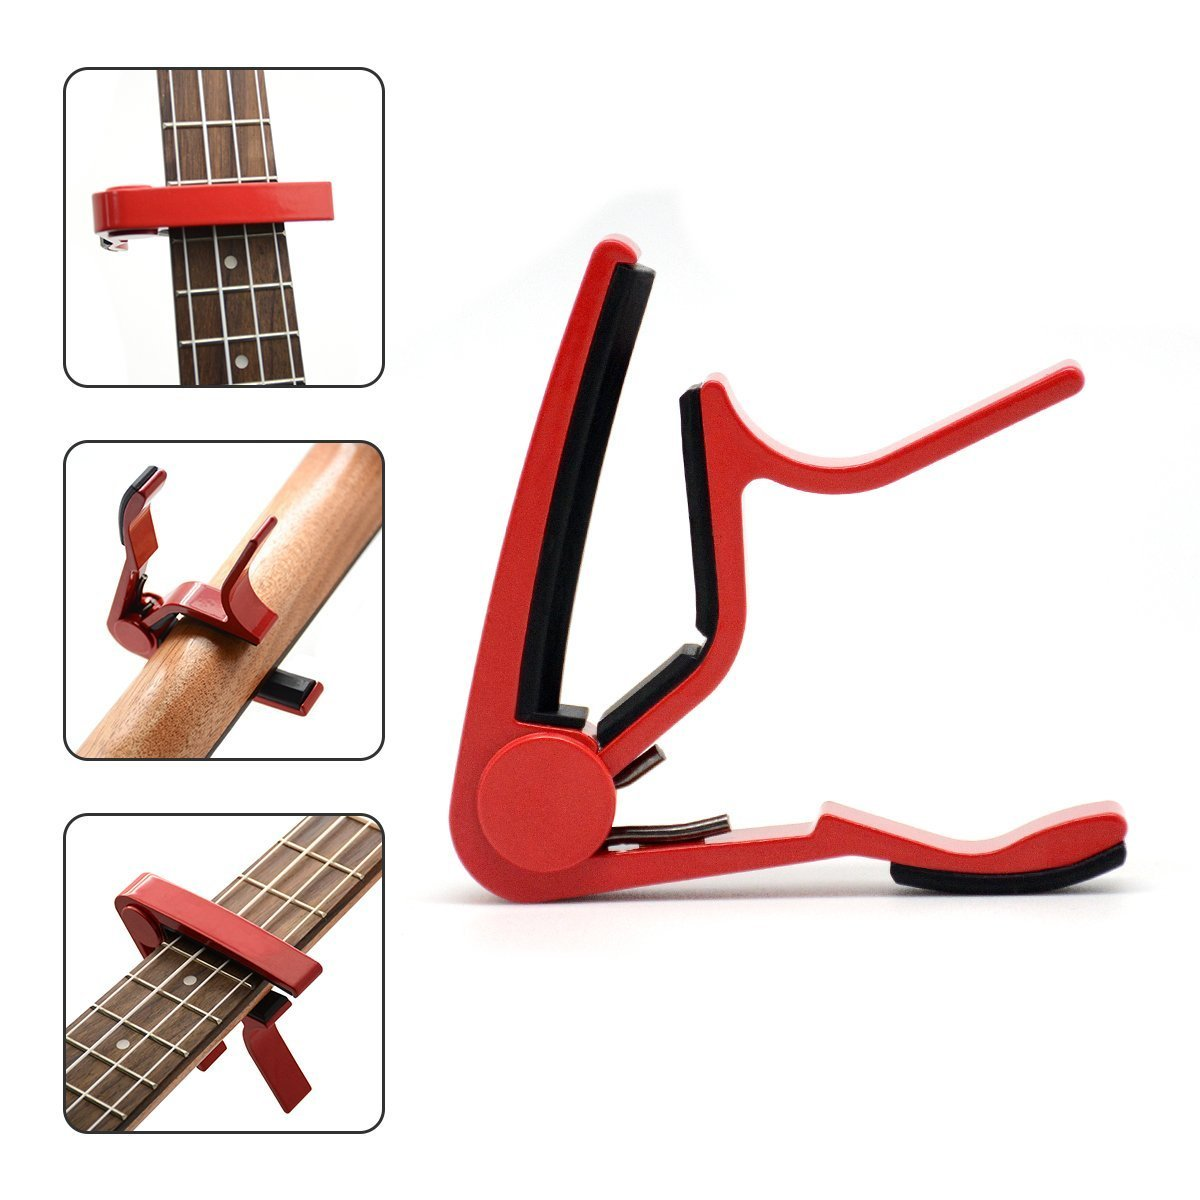 & capotasto per chitarra elettrica, acustica e chitarra elettrica, acustica a 6corde, anche per ukulele, Banjo, Basso, mandolino , Blue BSmusic